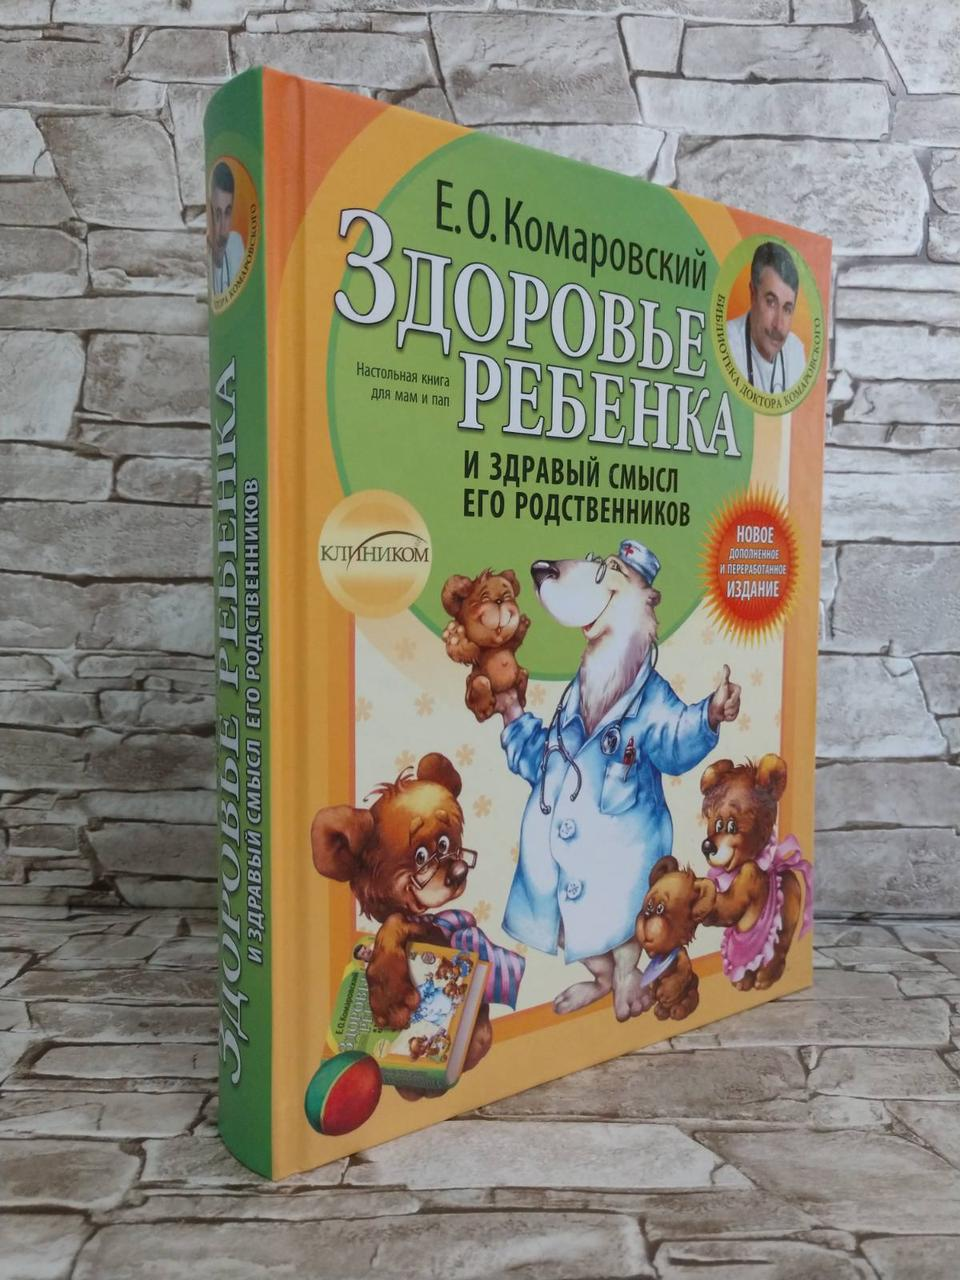 """Книга""""Здоровье ребенка и здравый смысл его родственников""""Е.Комаровский"""